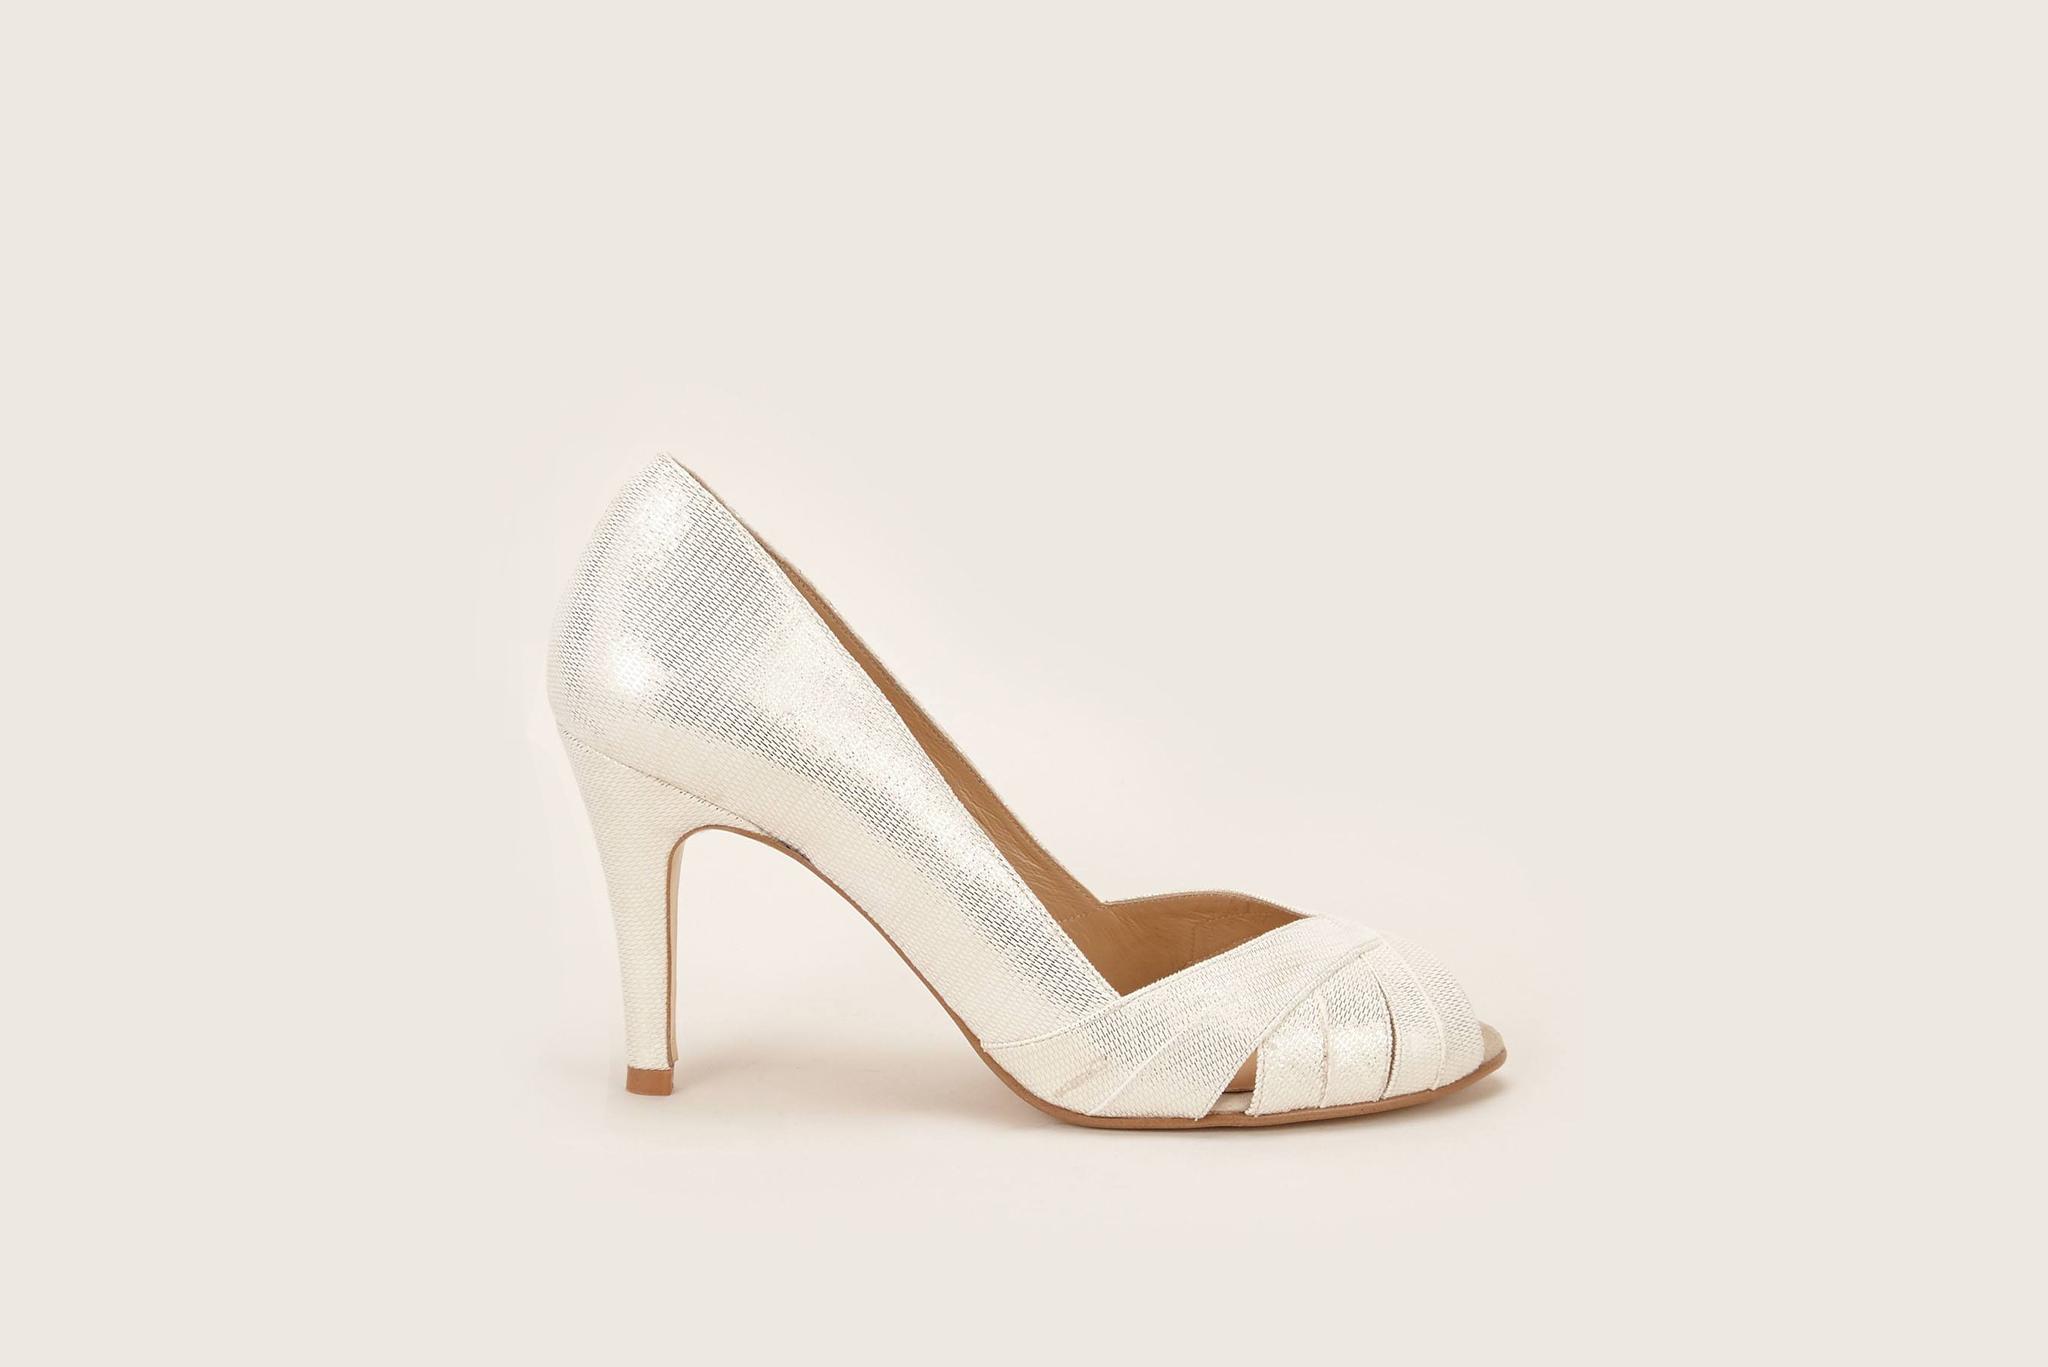 regard détaillé be625 e6047 6 conseils pour choisir ses chaussures de mariées - la ...